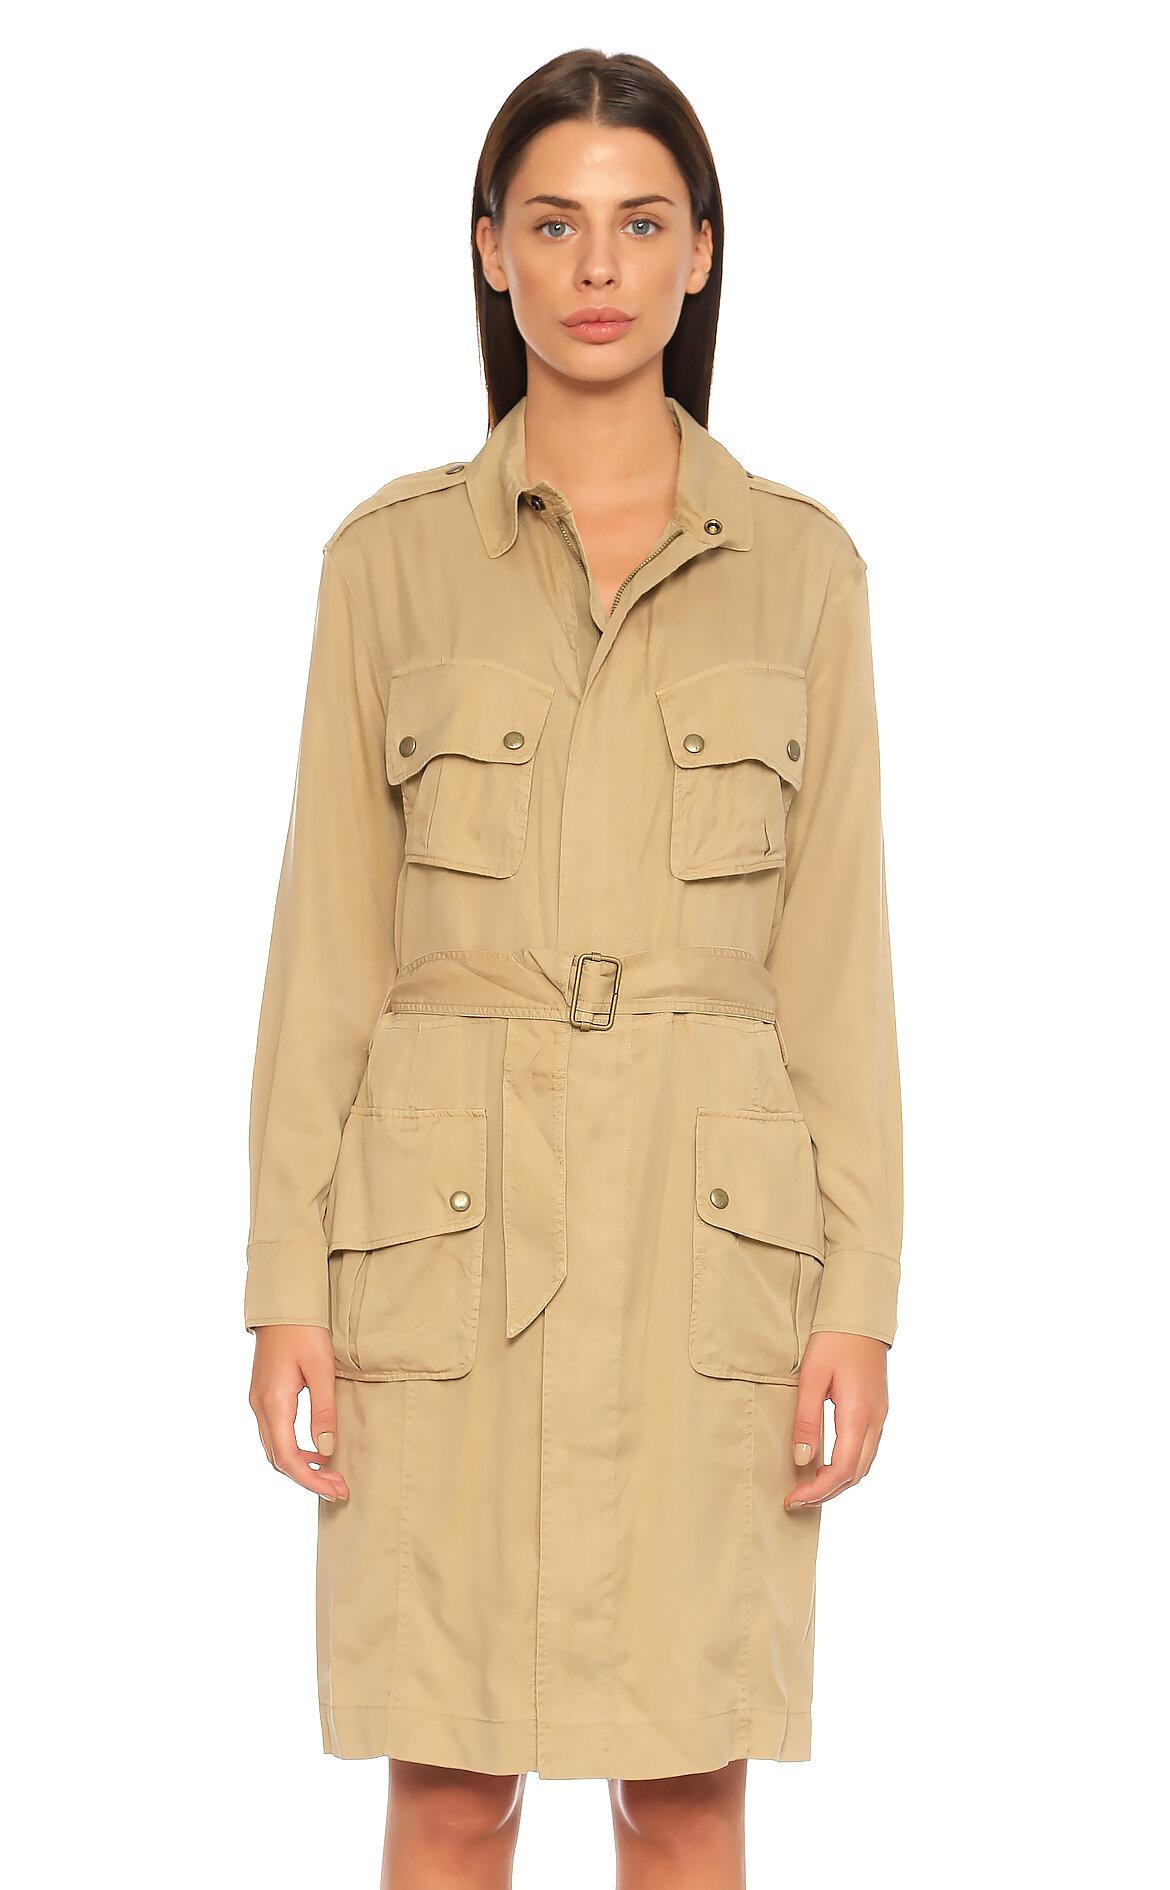 Polo Ralph Lauren  Bej Rengi Elbise